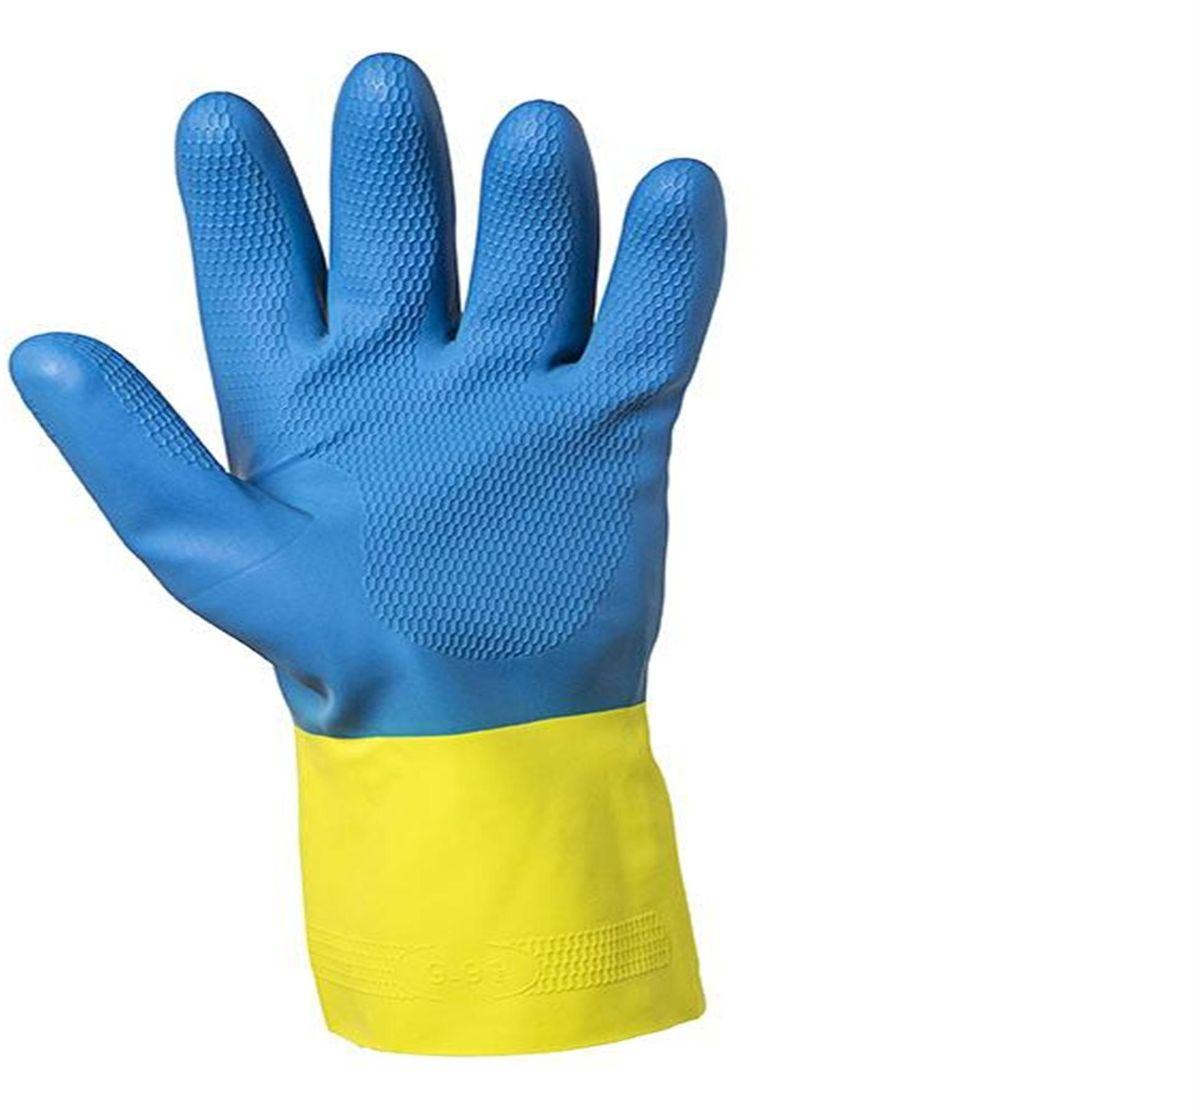 Перчатки хозяйственные Jackson Safety G80, размер 9 (L), цвет: желтый, голубой, 60 пар2706 (ПО)Защитные перчатки JACKSON SAFETY® G80 латекс/неопрен для защиты от химических веществ подходят для целого спектра областей применения: обеспечивают надежную защиту от воздействия химических веществ. Относятся к СИЗ категории III (CE Complex), а также обеспечивают защиту от механического воздействия в тех областях, где работают с химическими веществами, маслами, густыми смазками, кислотами, каустическими средствами или растворителями. Разрешен контакт с пищевыми продуктами. Поставляются в виде пары перчаток с индивидуальным дизайном для левой и правой руки; толщина 0,70 мм; имеют неопреновое покрытие поверх латекса для обеспечения максимальной защиты, а также для улучшения гибкости материала. Удлиненные манжеты, текстурированный материал в области ладони обеспечивает отличный захват при работе сухими/влажными поверхностями; хлопковое напыление на внутренней стороне перчатки обеспечивает легкость при надевании/снятии перчатки, а также комфорт при длительном использовании. Хлорированы для снижения воздействия латексных протеинов на кожу.Размеры:38741 - S (7)38742 - M (8)38743 - L (9)38744 - XL (10)